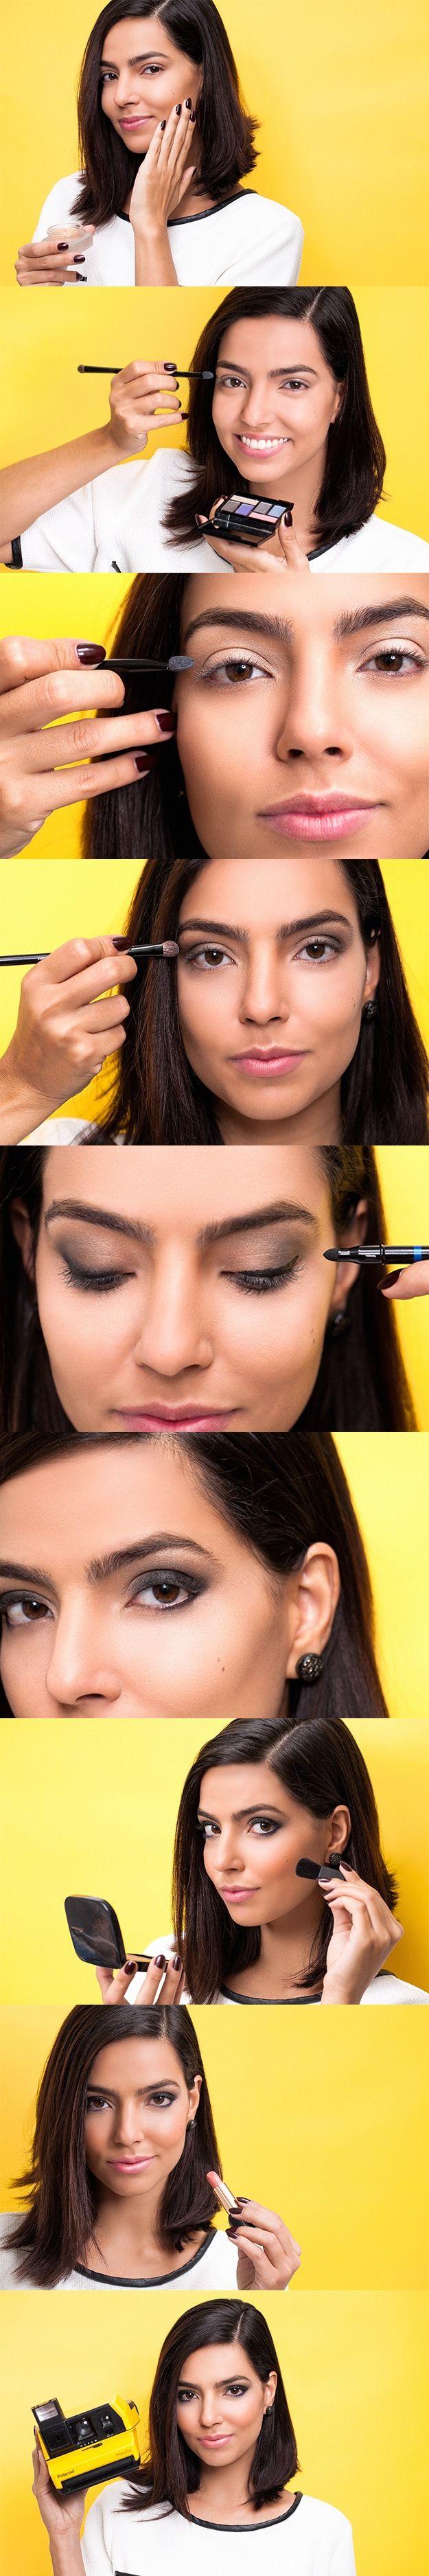 """A convite do """"Adoro Maquiagem"""", a maquiadora Bel Lüscher ensina a usar o verde acinzentado para modernizar o esfumado clássico. Você vai se surpreender com o resultado, que, adiantamos: é lindo!"""